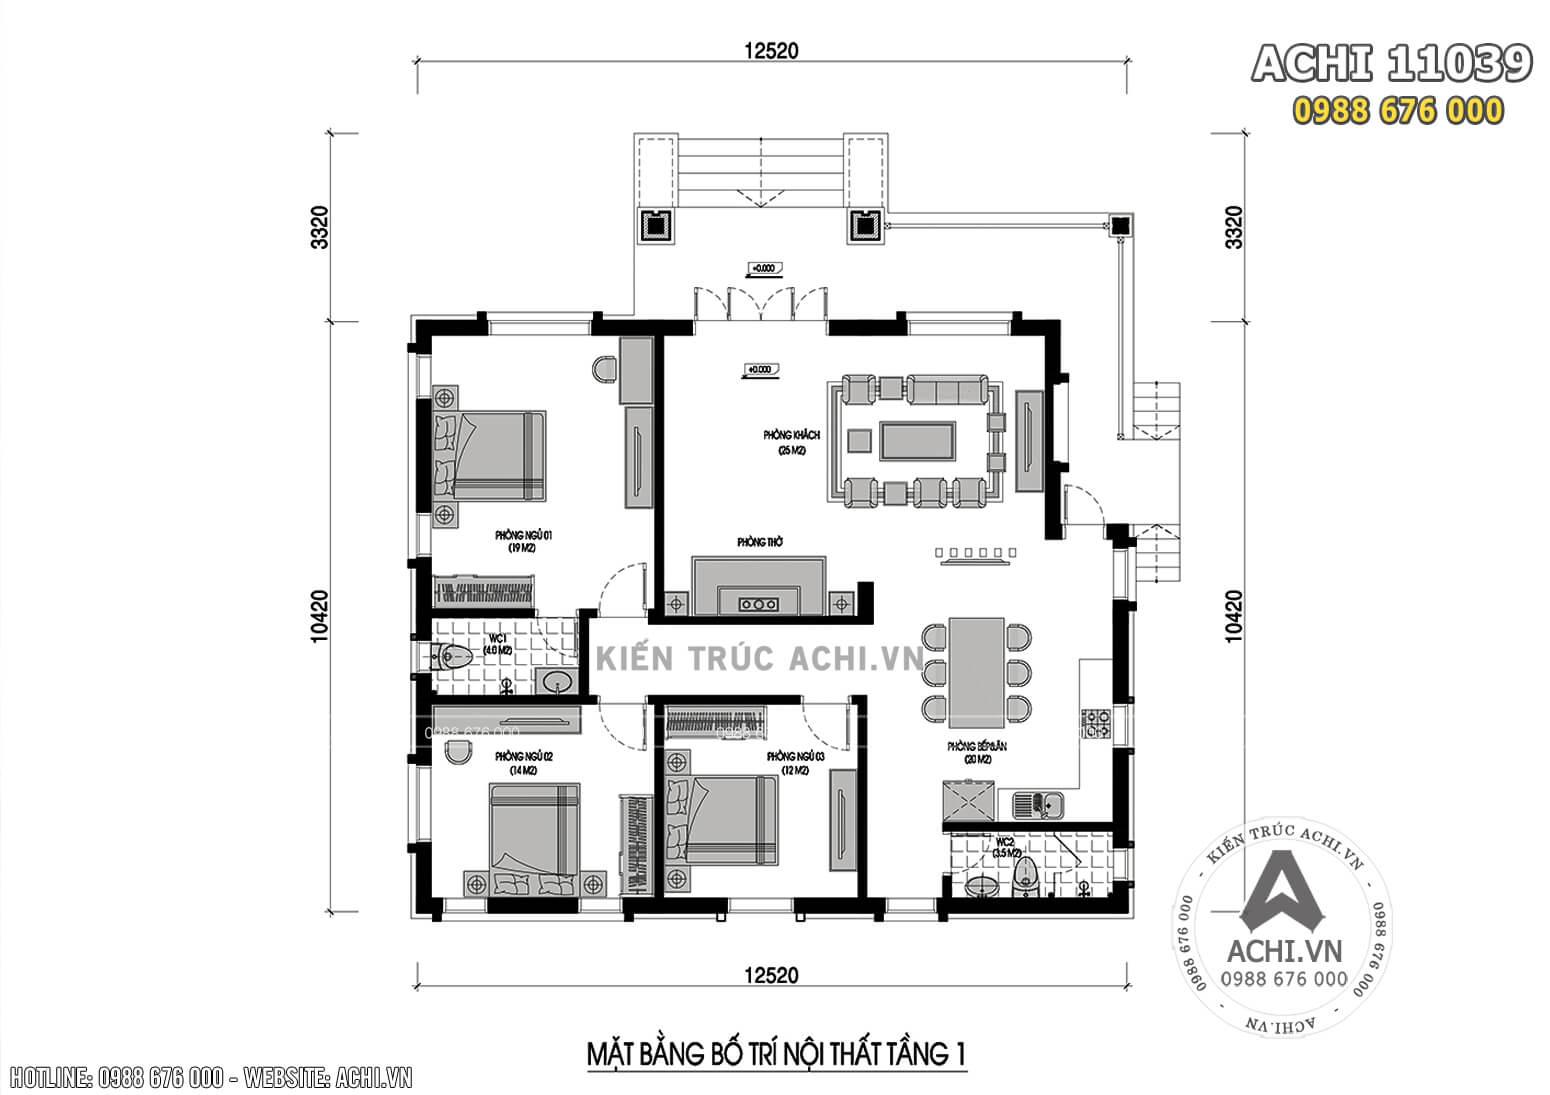 Bản vẽ mặt bằng tầng 1 mẫu biệt thự tai Chương Mỹ